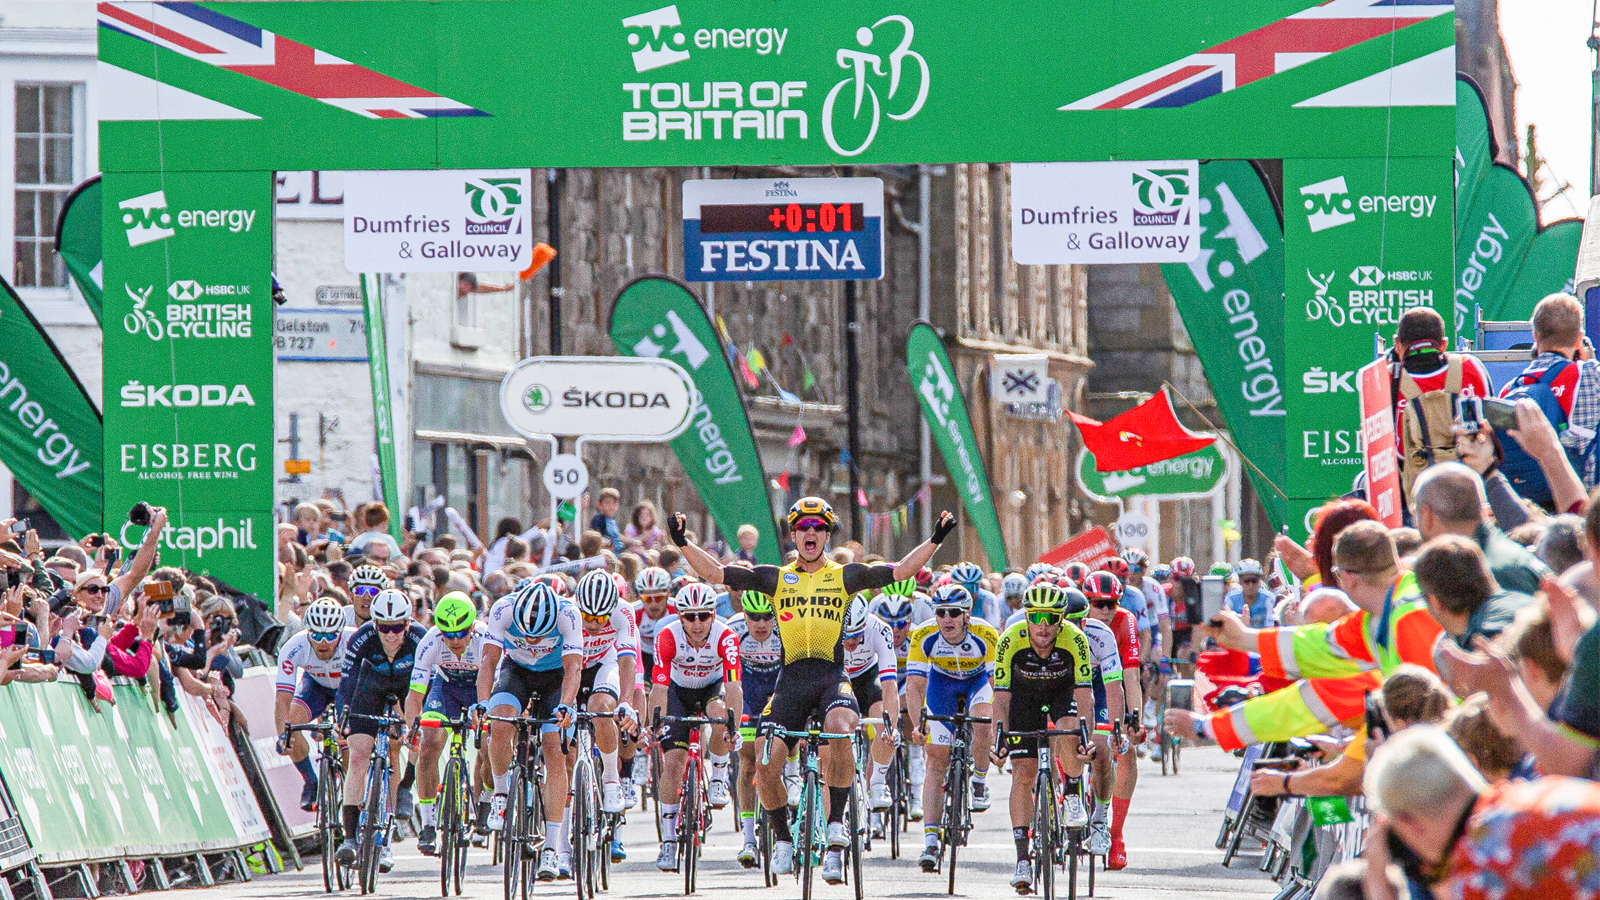 Tour of Britain title partner